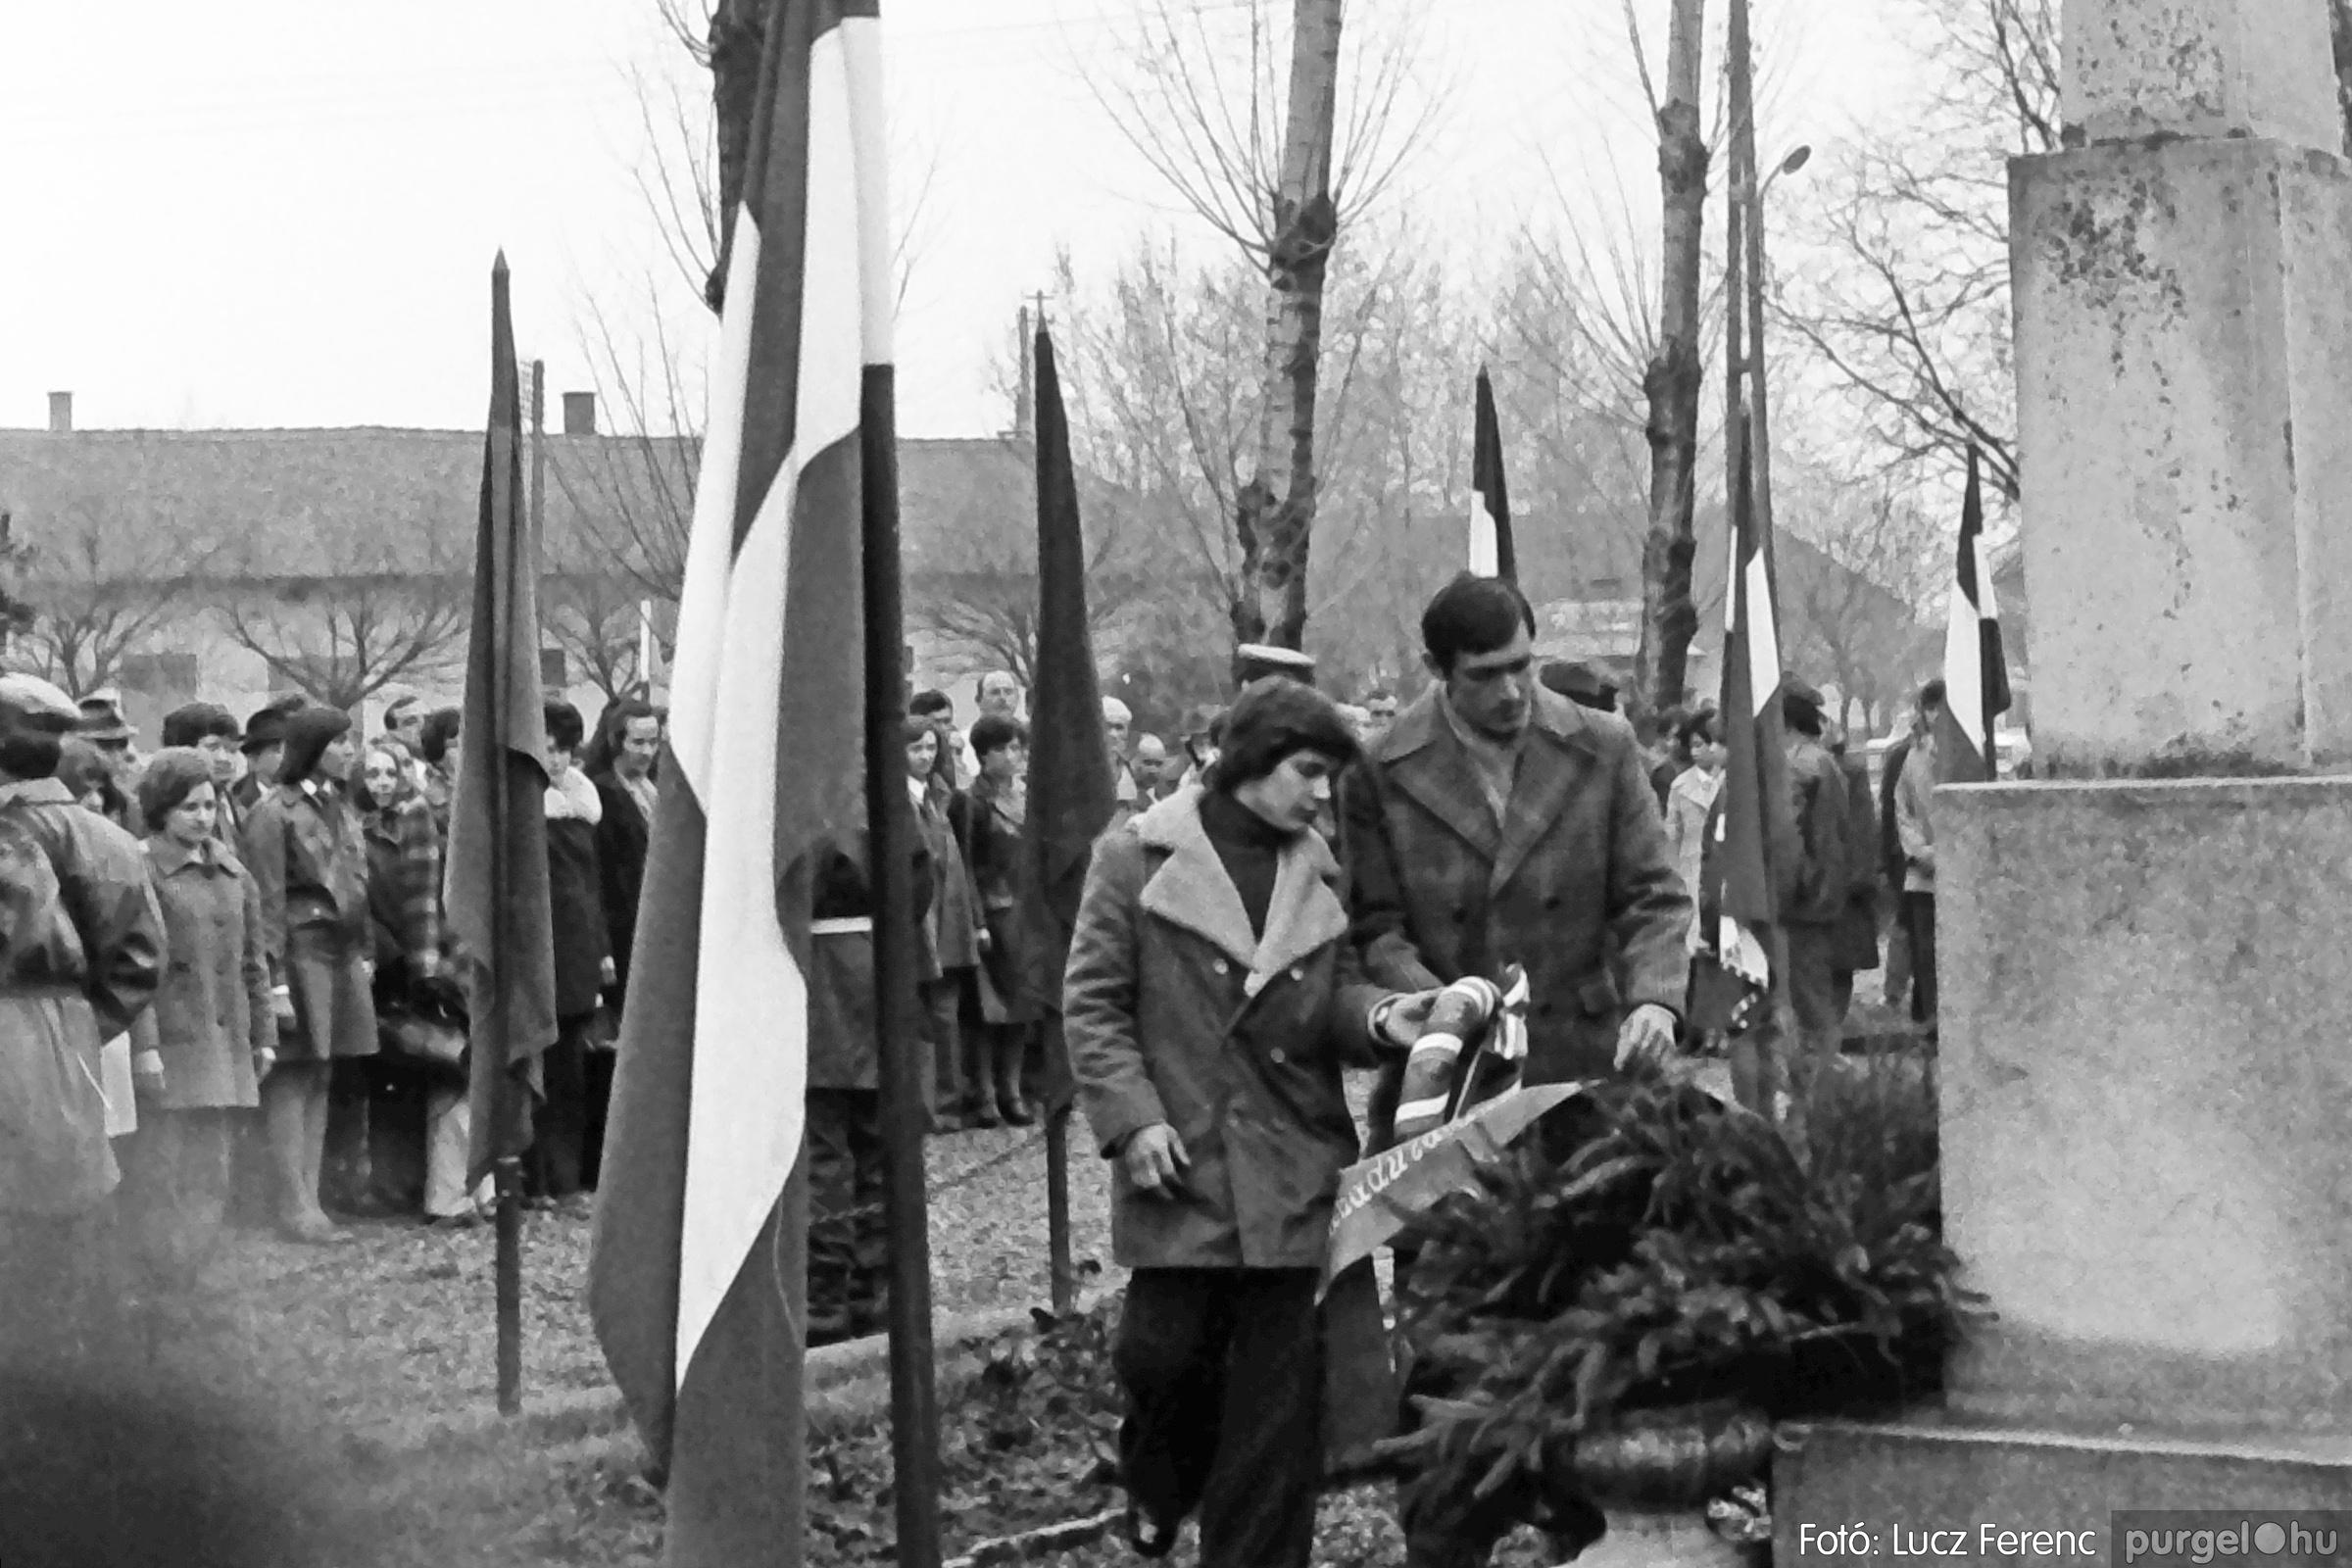 078. 1977.04.04. Április 4-i ünnepség 017. - Fotó: Lucz Ferenc.jpg